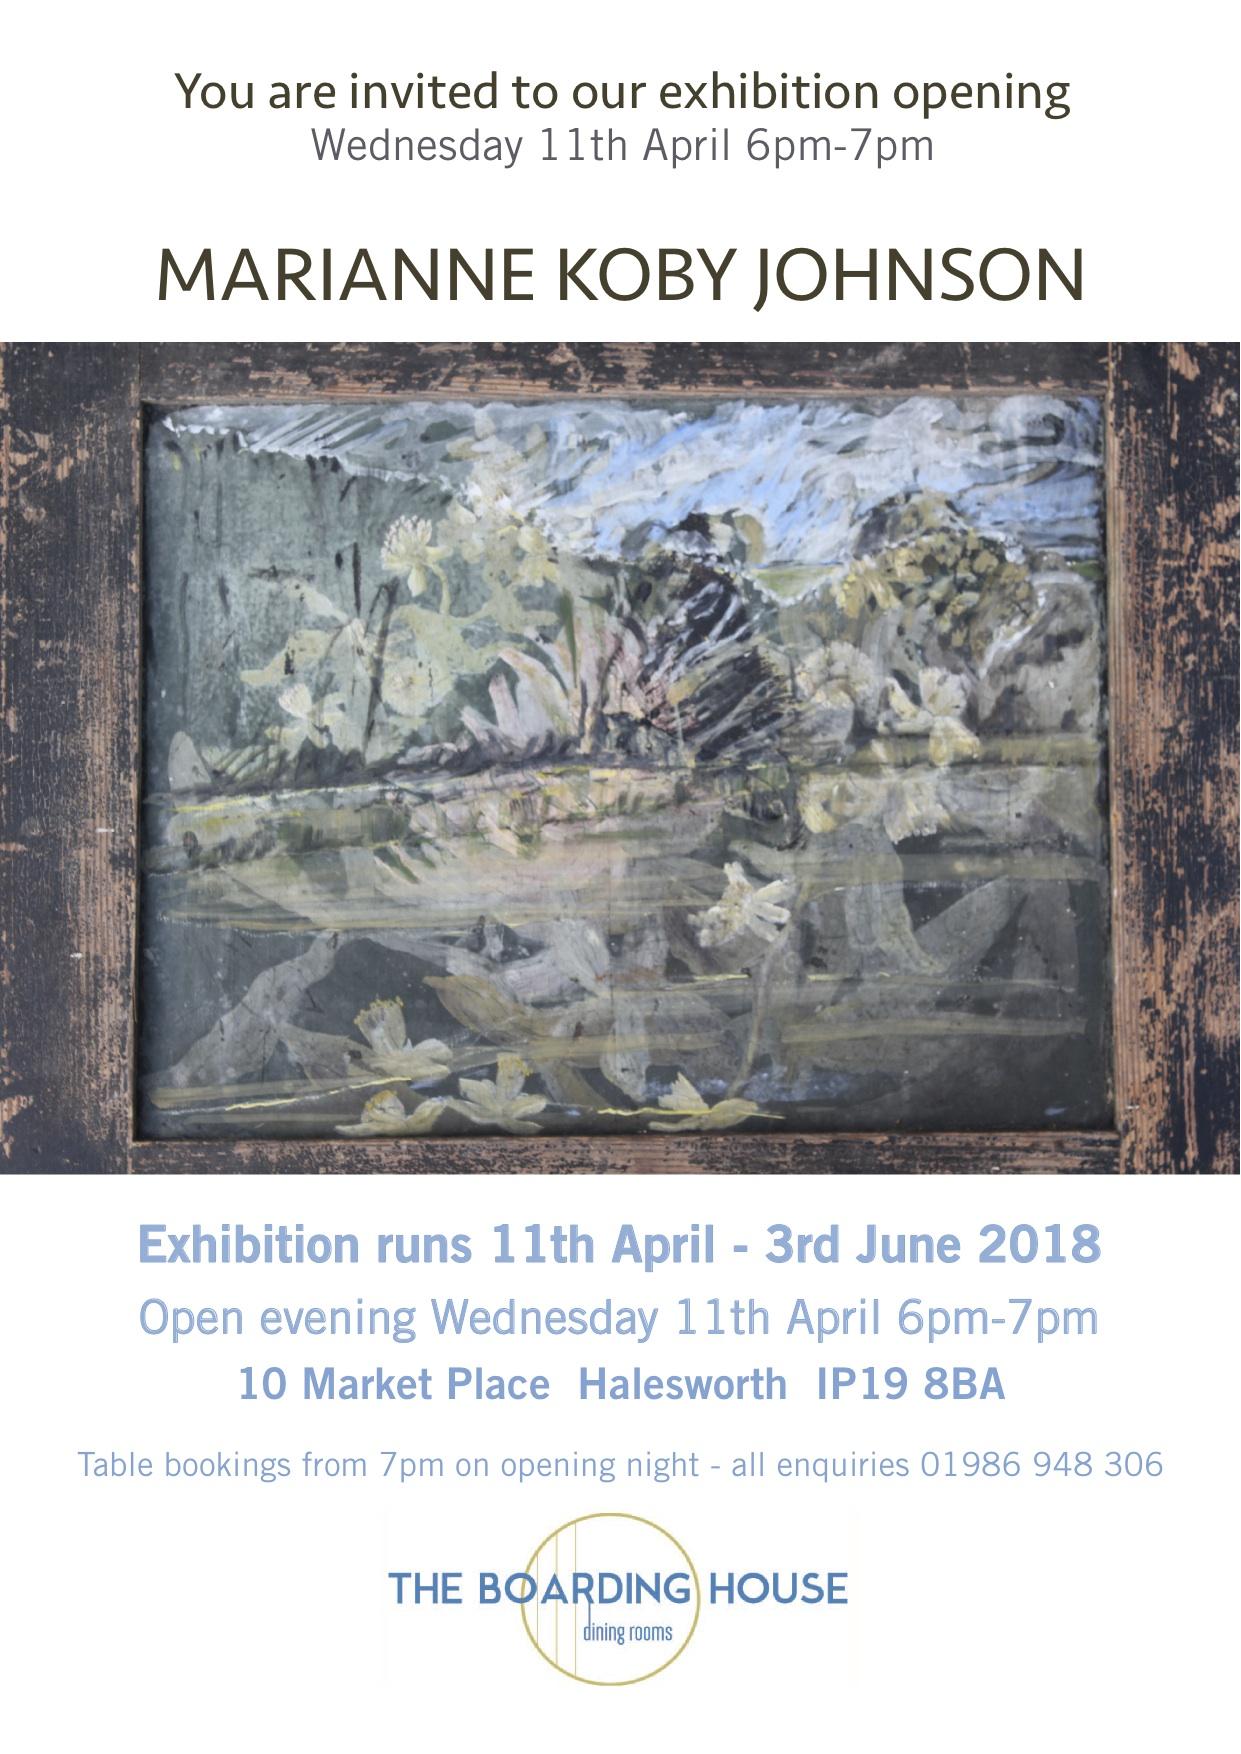 Marianne Koby Johnson Exhibition Invite